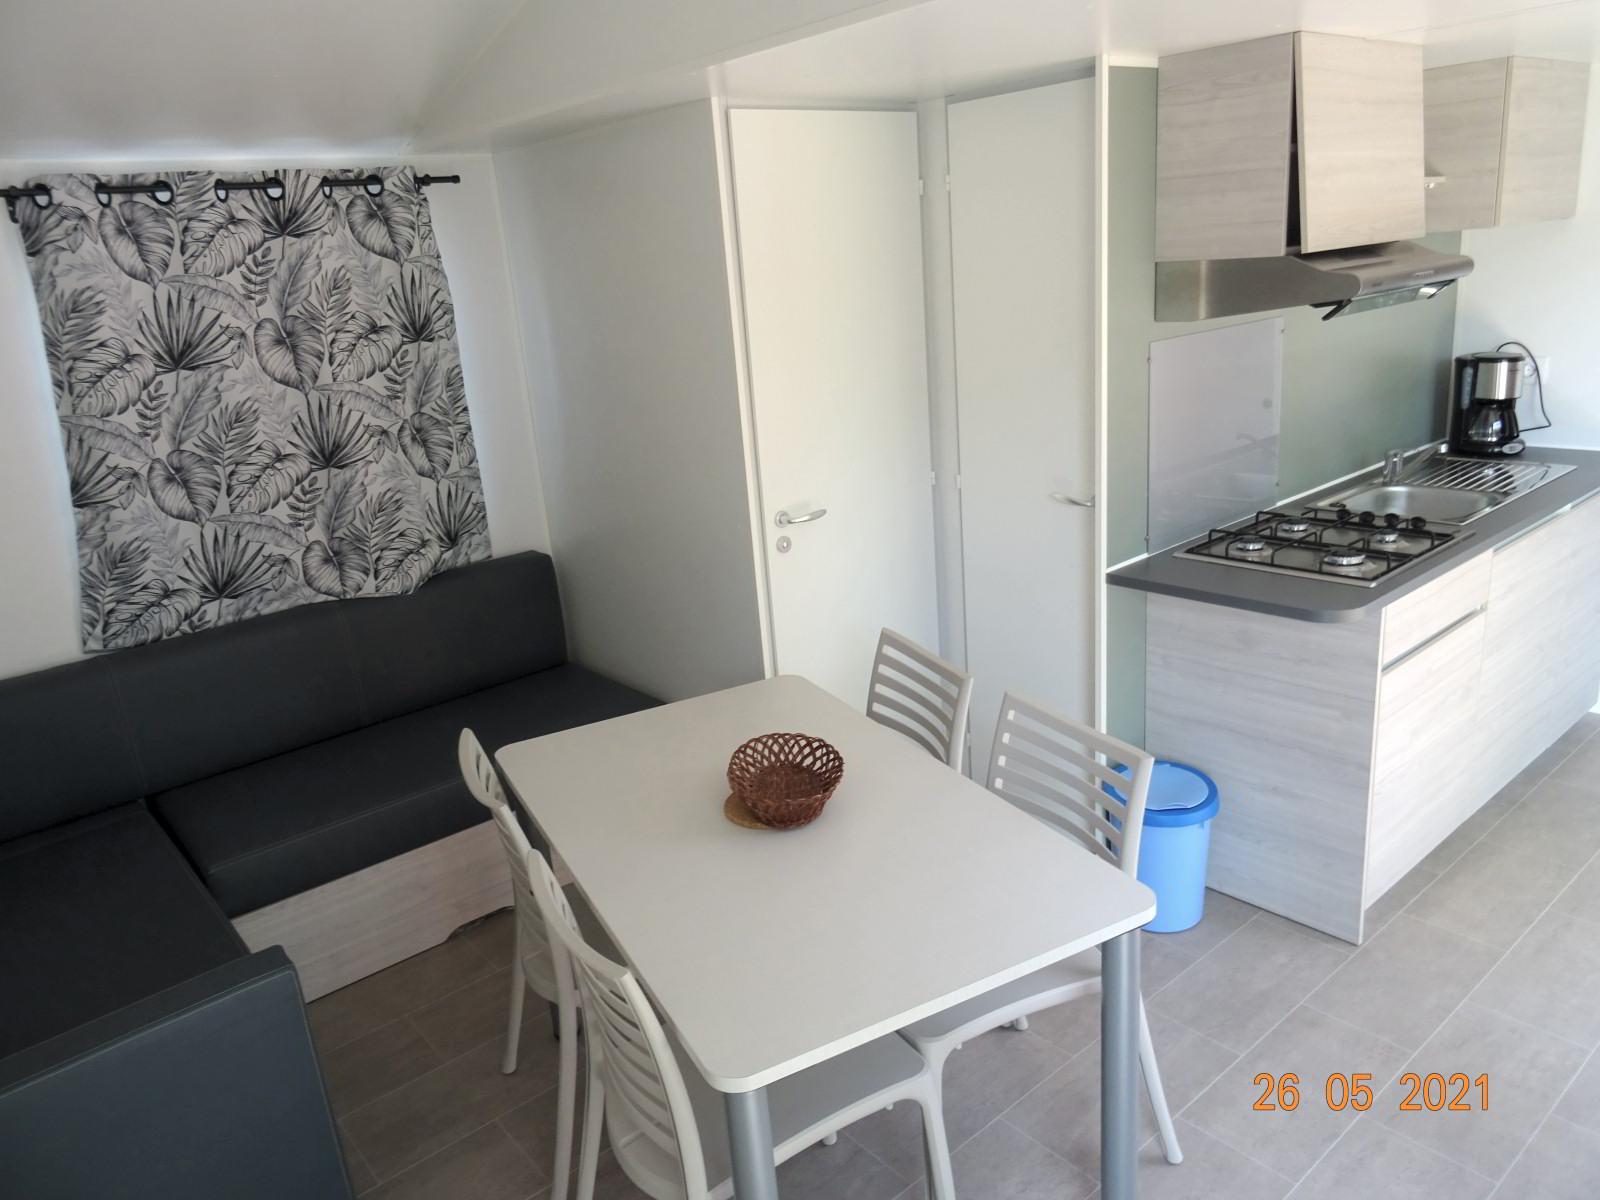 Wohnzimmer und Küche, neues Mobilheim mit 2 Schlafzimmern